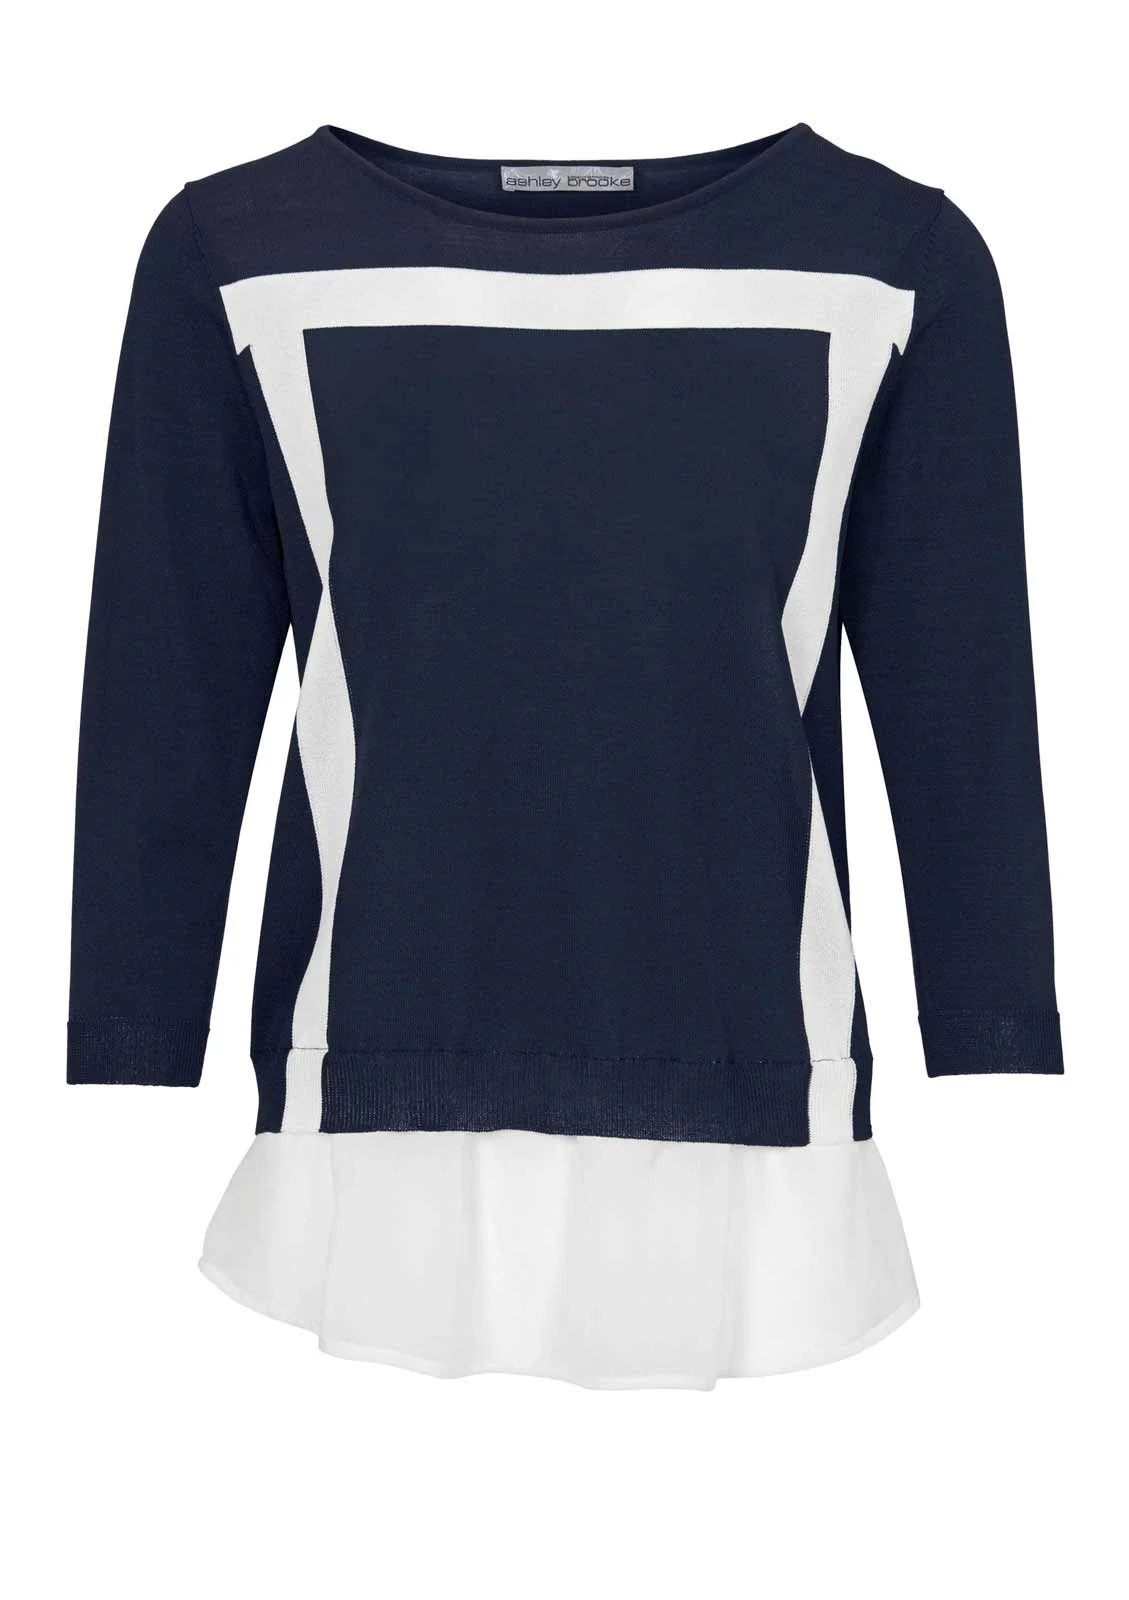 310.093 ASHLEY BROOKE Damen Designer-2-in-1-Pullover Marine-Weiß Blau Chiffon Bluse